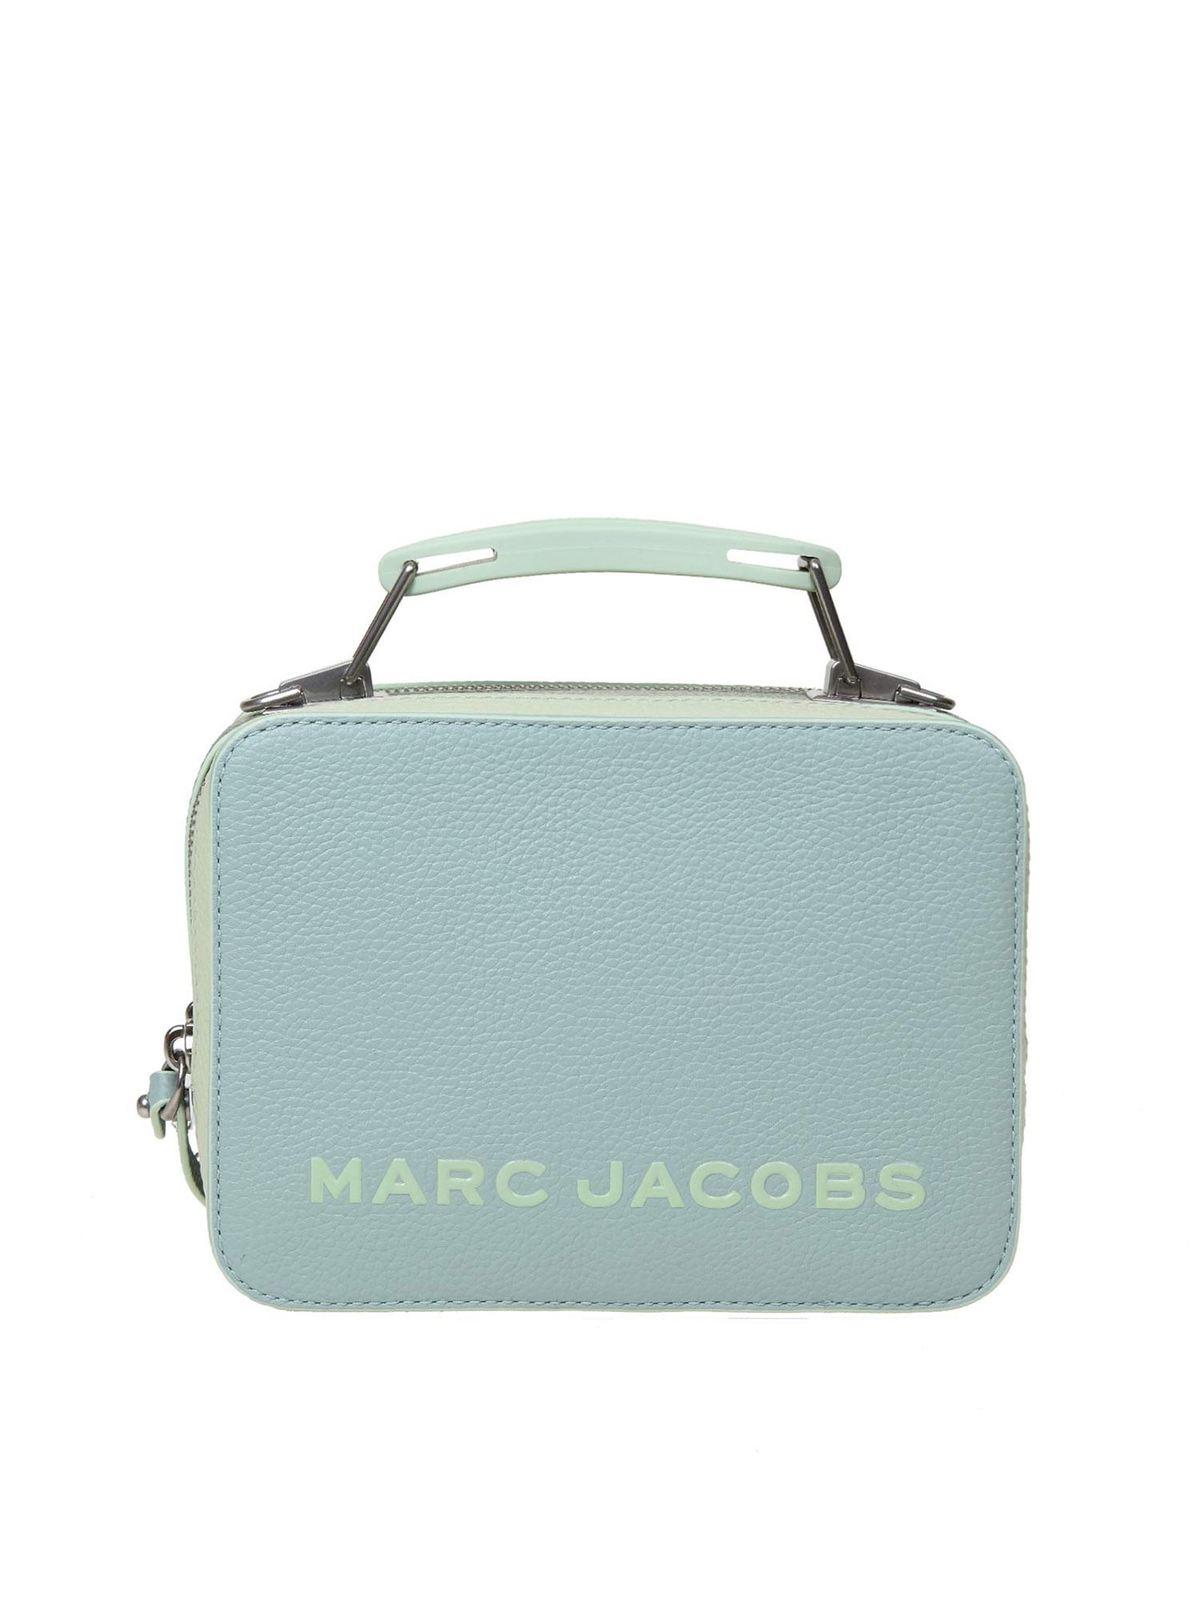 Marc Jacobs - Sac Bandoulière - Vert - Sacs bandoulière - M0016218335